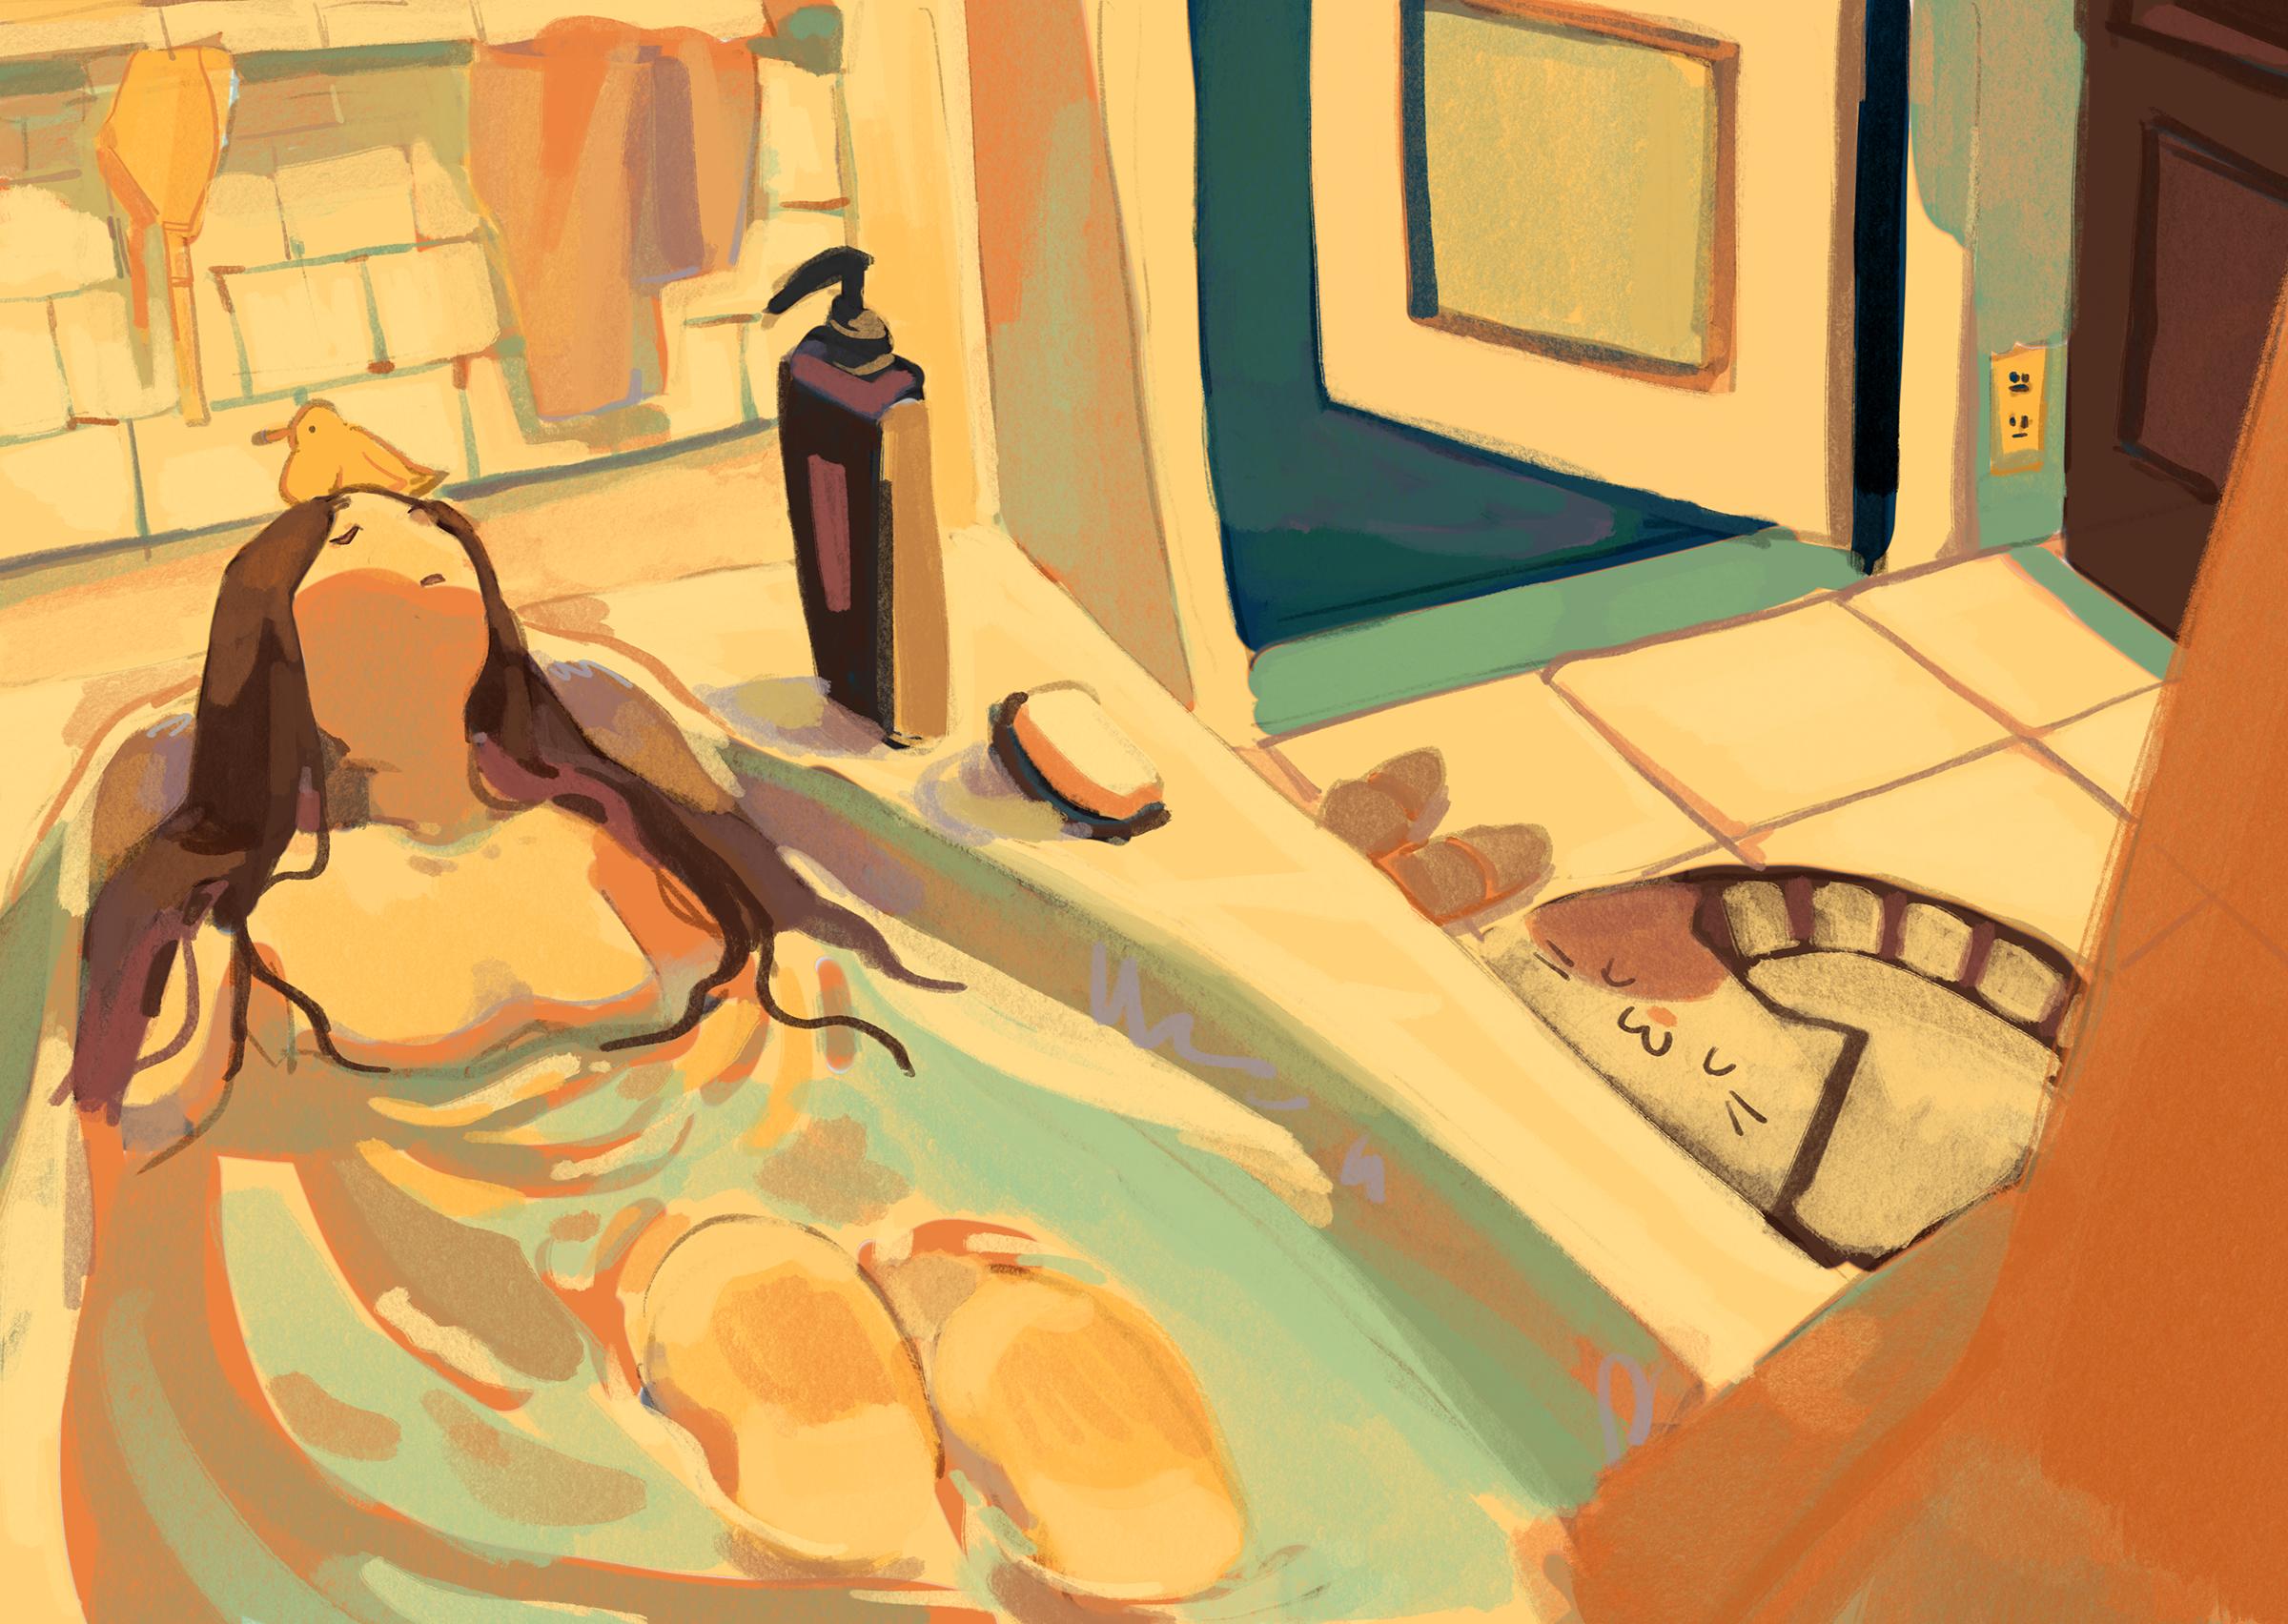 Digital Illustration about a girl taking a break in warm bathtub.